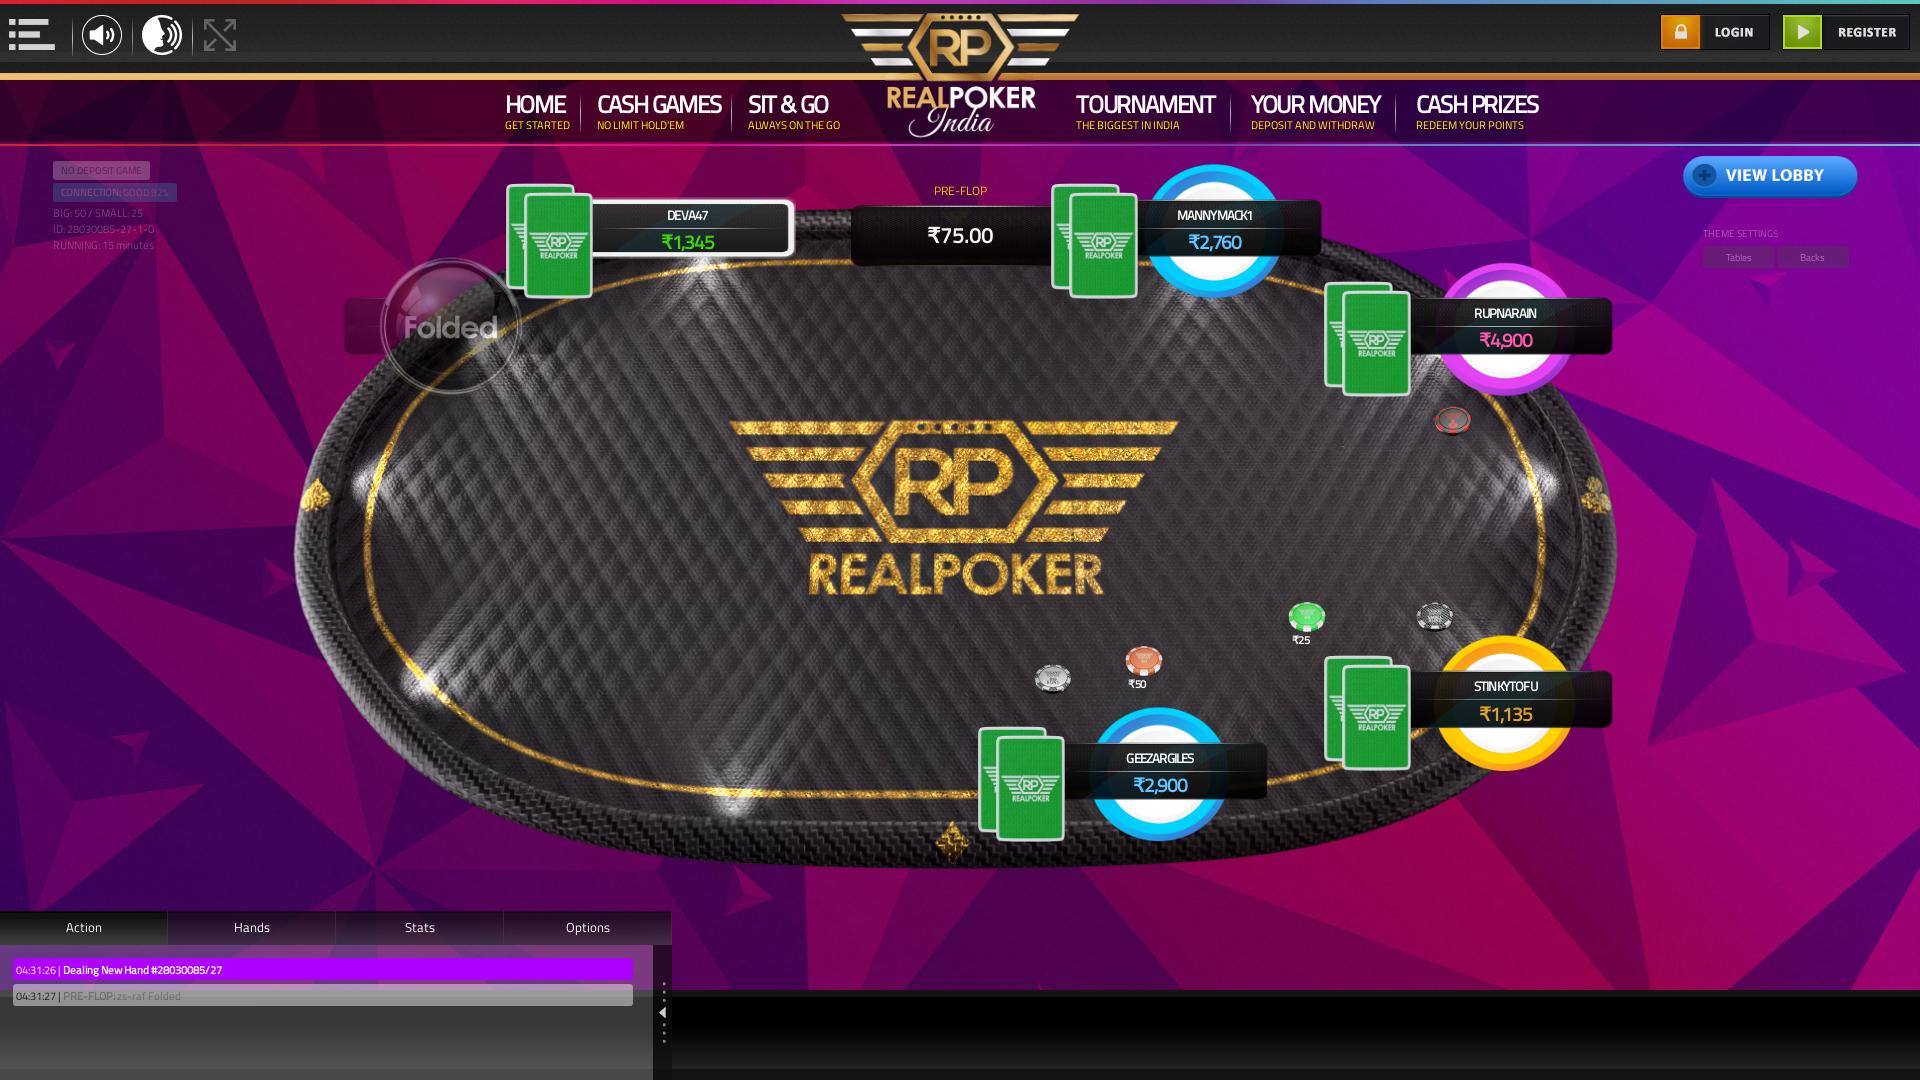 Bandung Bitcoin Poker 10 Player Real Poker India